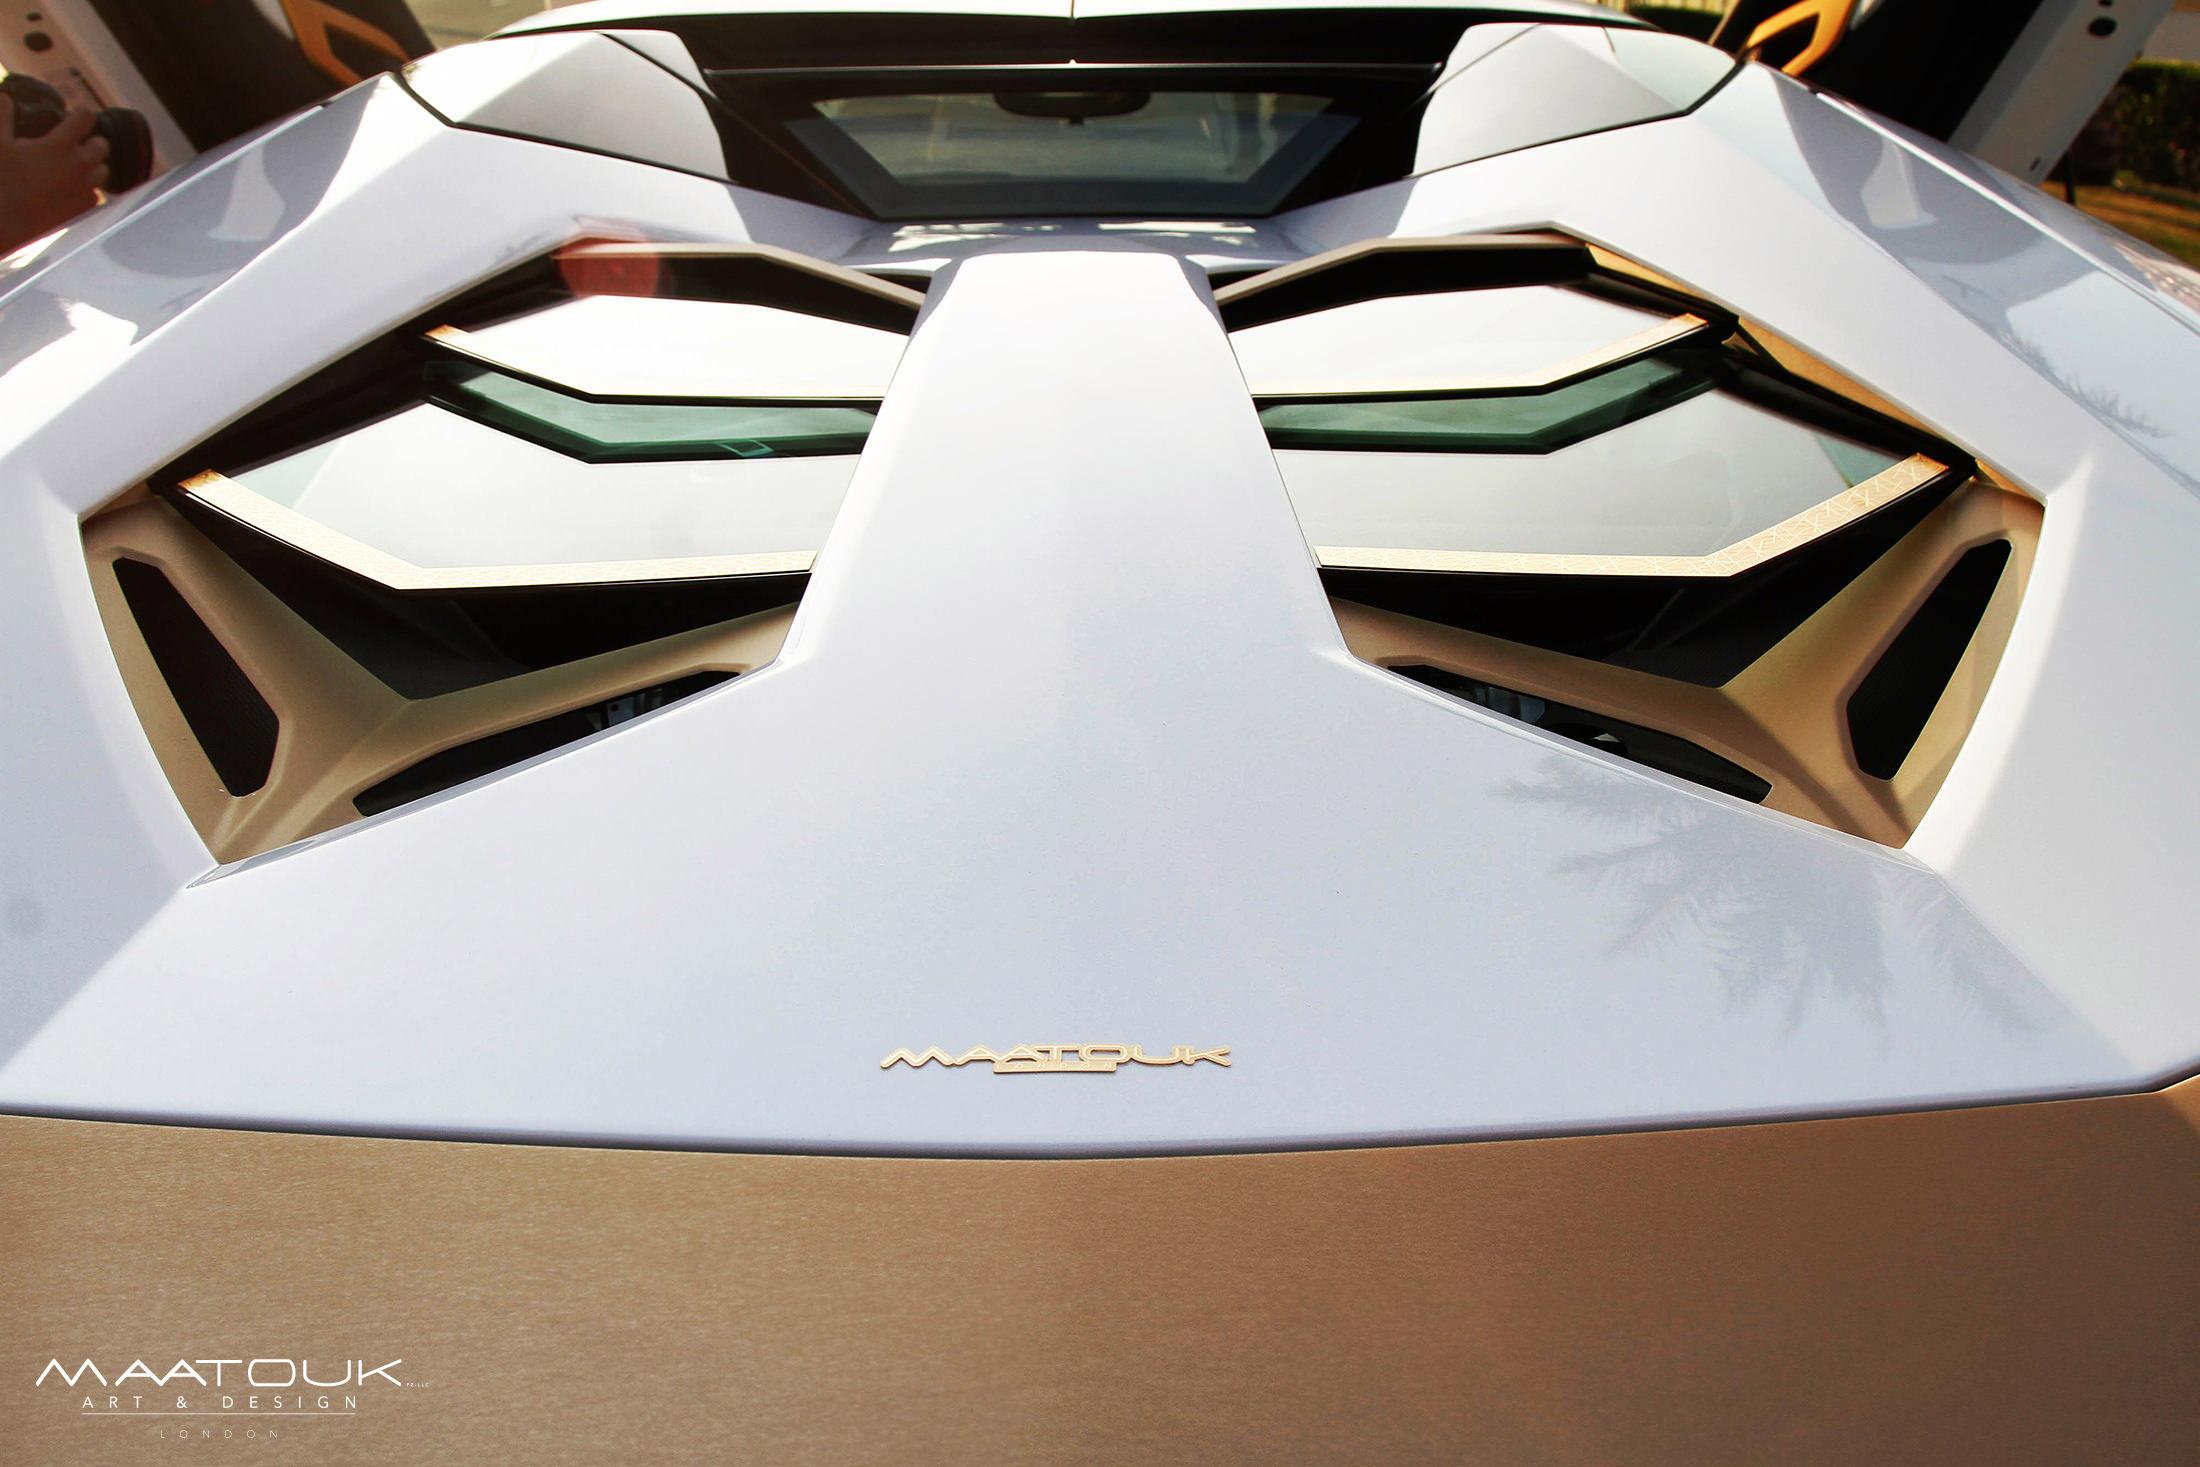 Lamborghini Aventador Roadster Golden Limited Edition Встретиться Ламборгини Авентадор родстер Золотой ограниченное издание [видео] - фотография №10